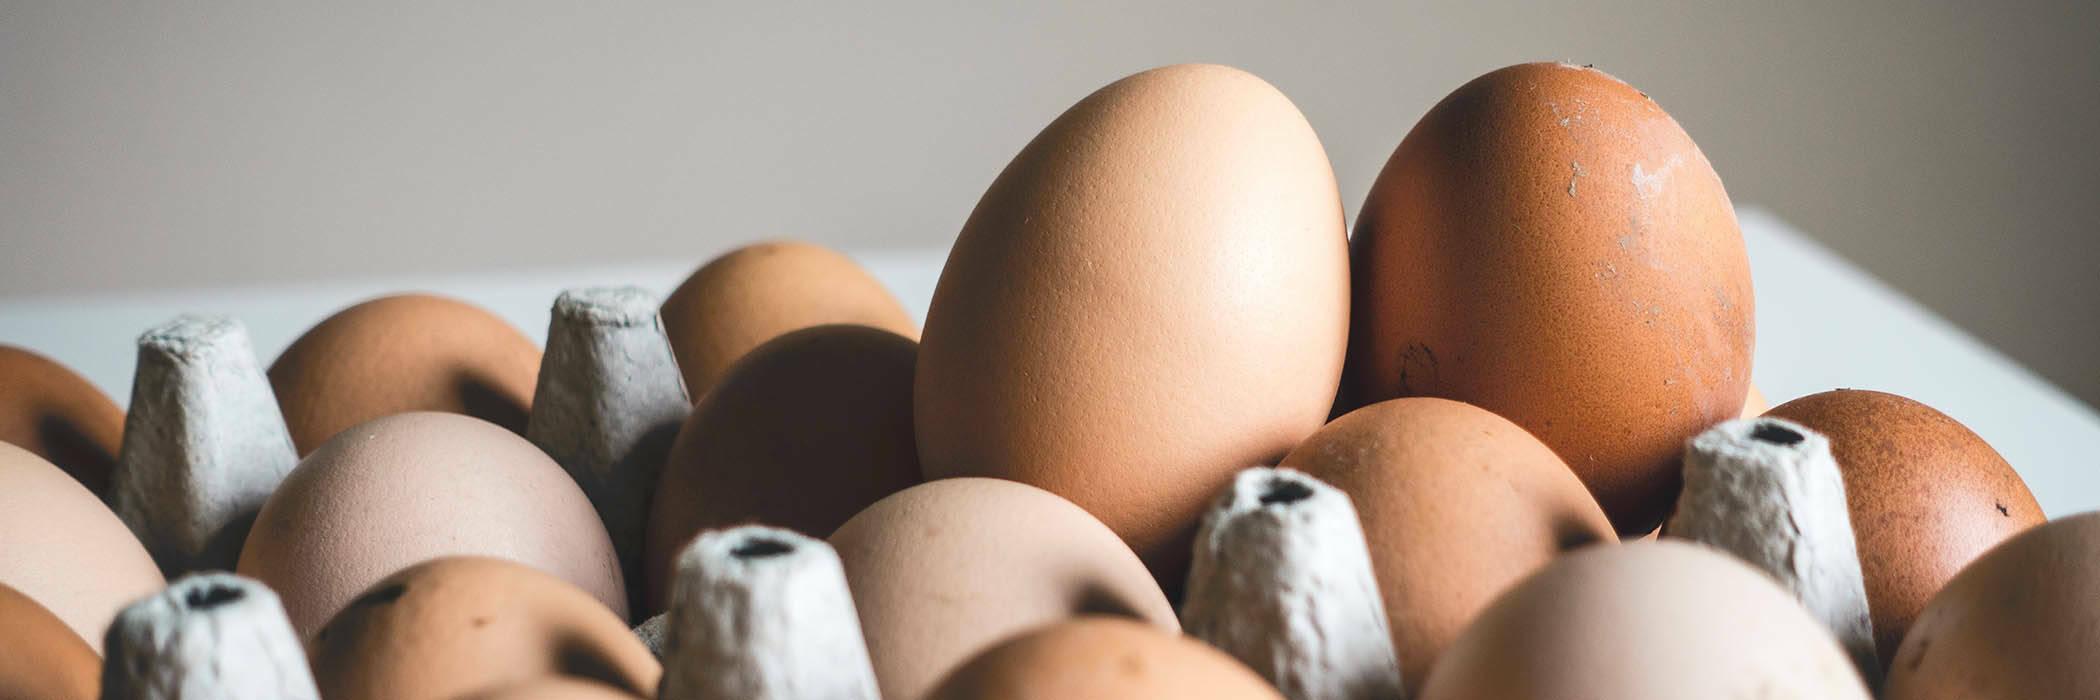 Salmonella eggs hero